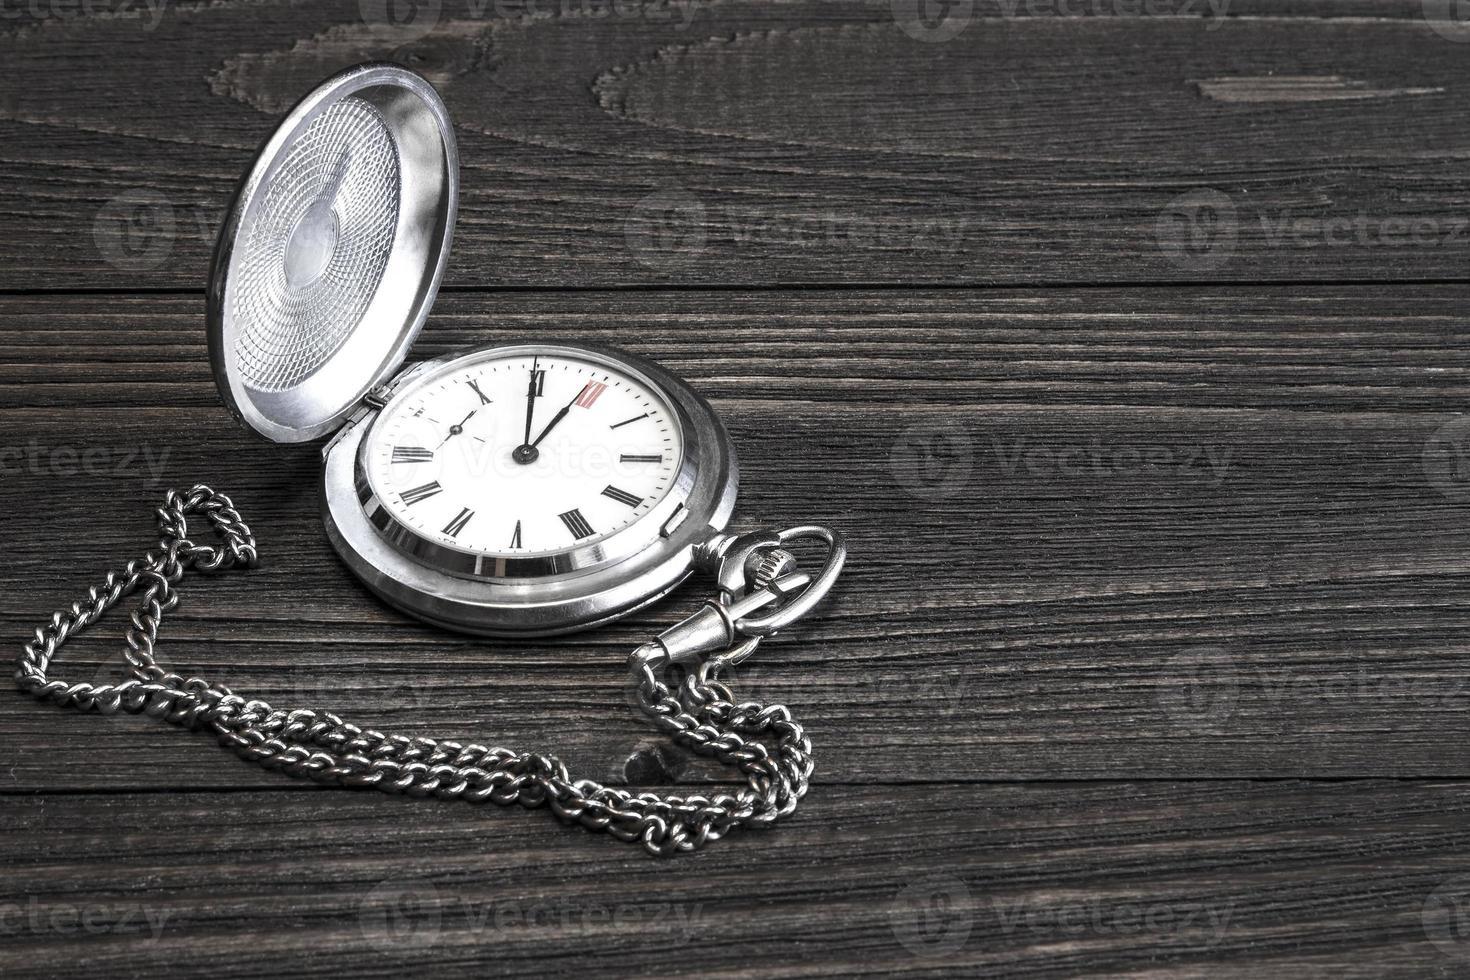 Antiguo reloj de bolsillo con cadena sobre una mesa de madera. foto